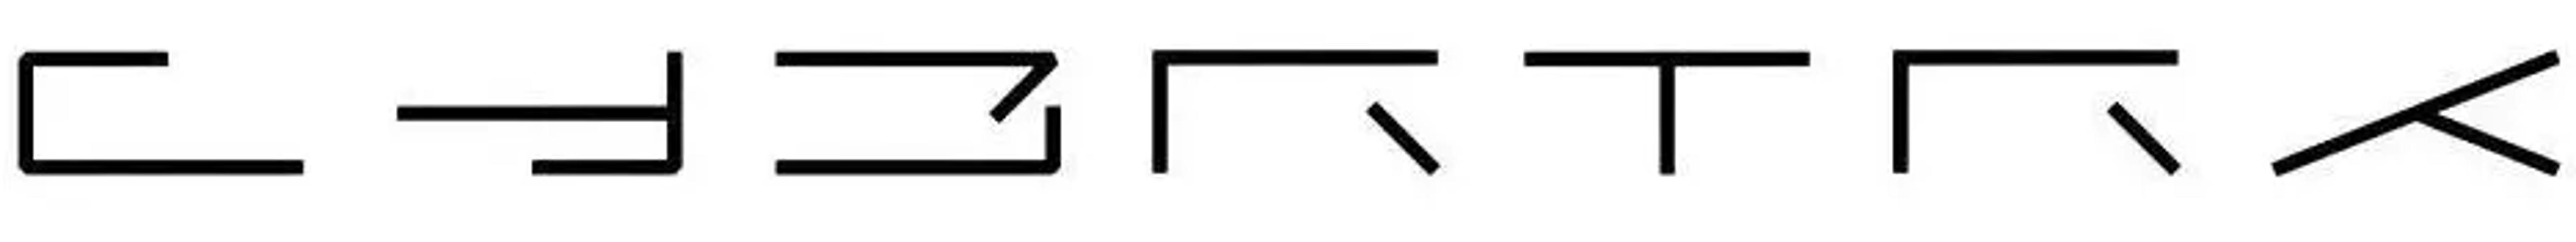 логотип CYBRTRK для електричного пікапа Tesla